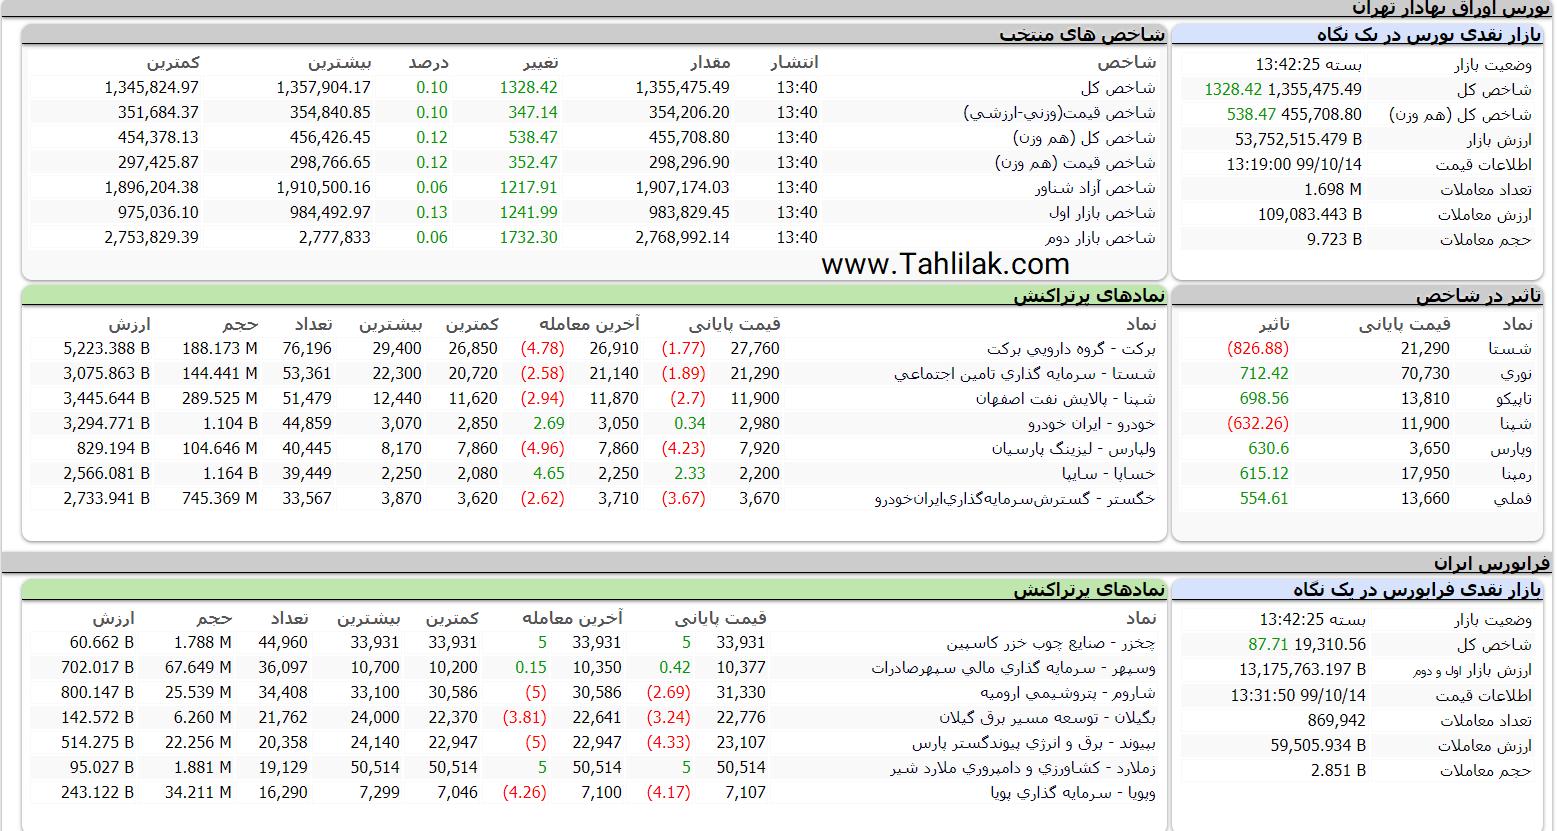 گزارش بازار سرمایه